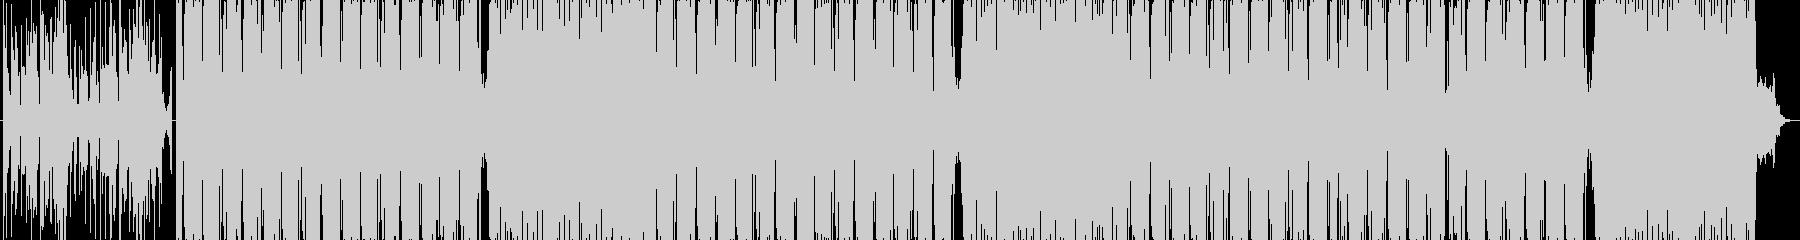 怪しいサイバーエスニックの未再生の波形